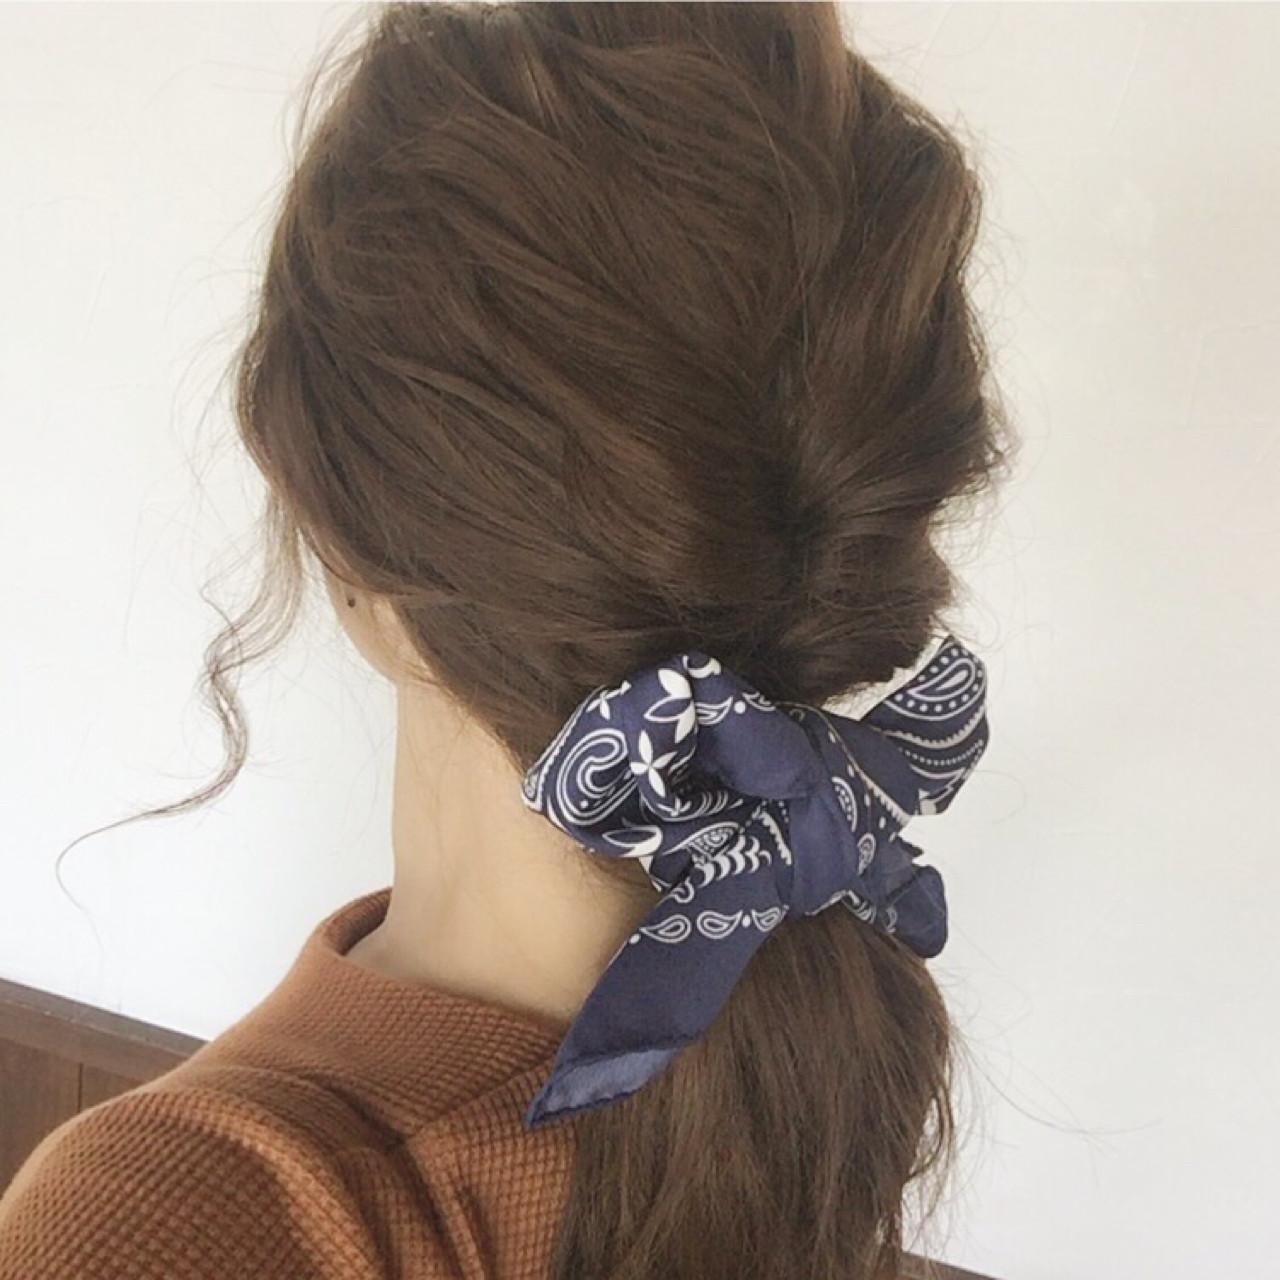 ポニーテール×スカーフで作る簡単可愛いヘアスタイル♡ 大西未紗